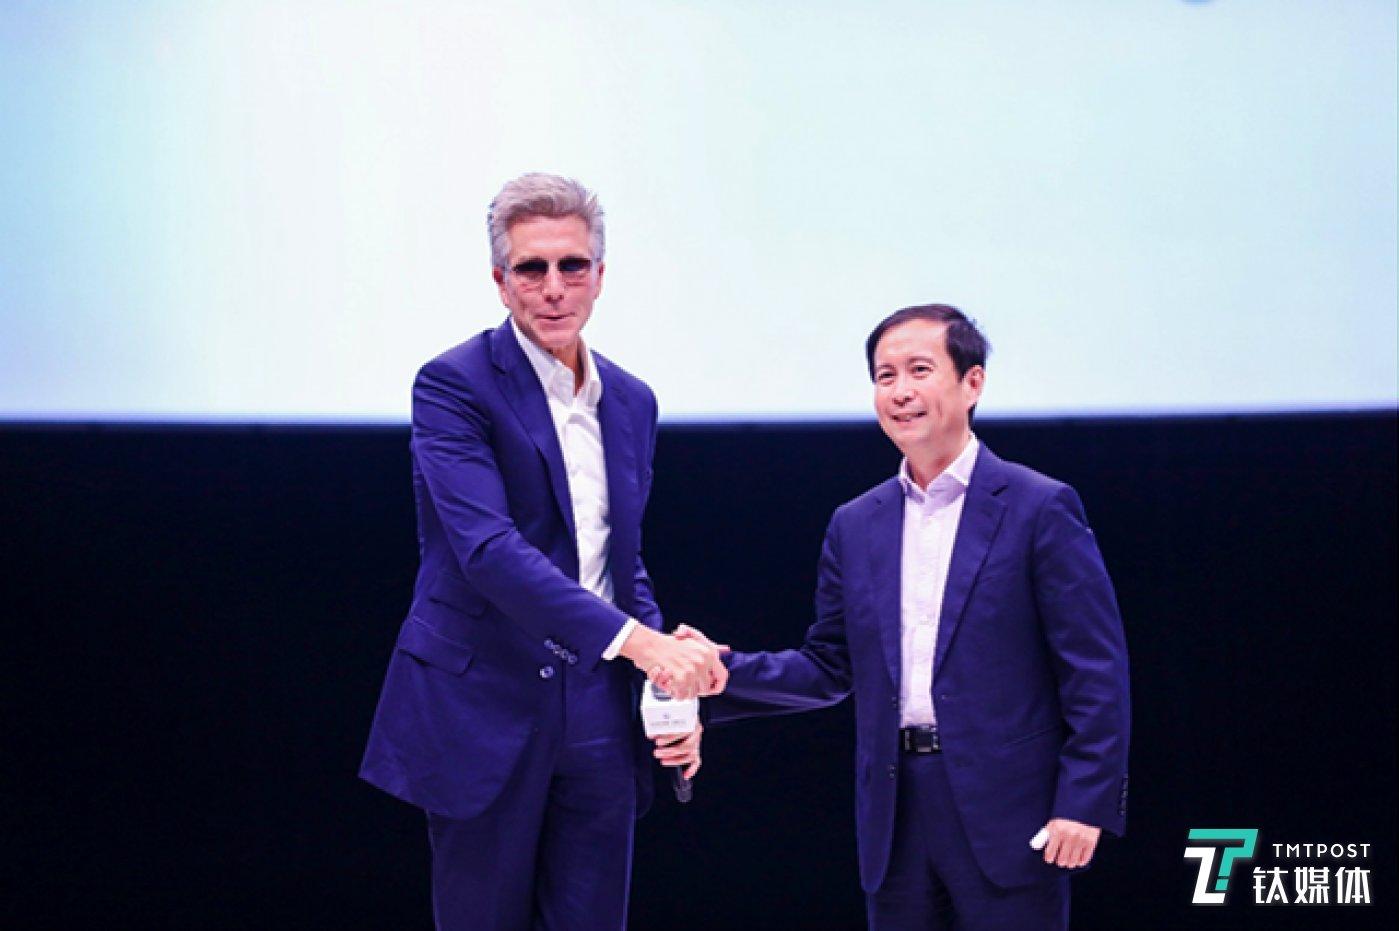 SAP 公司CEO孟鼎铭与阿里巴巴集团CEO张勇在今天举行的2018杭州云栖大会上共同宣布战略合作